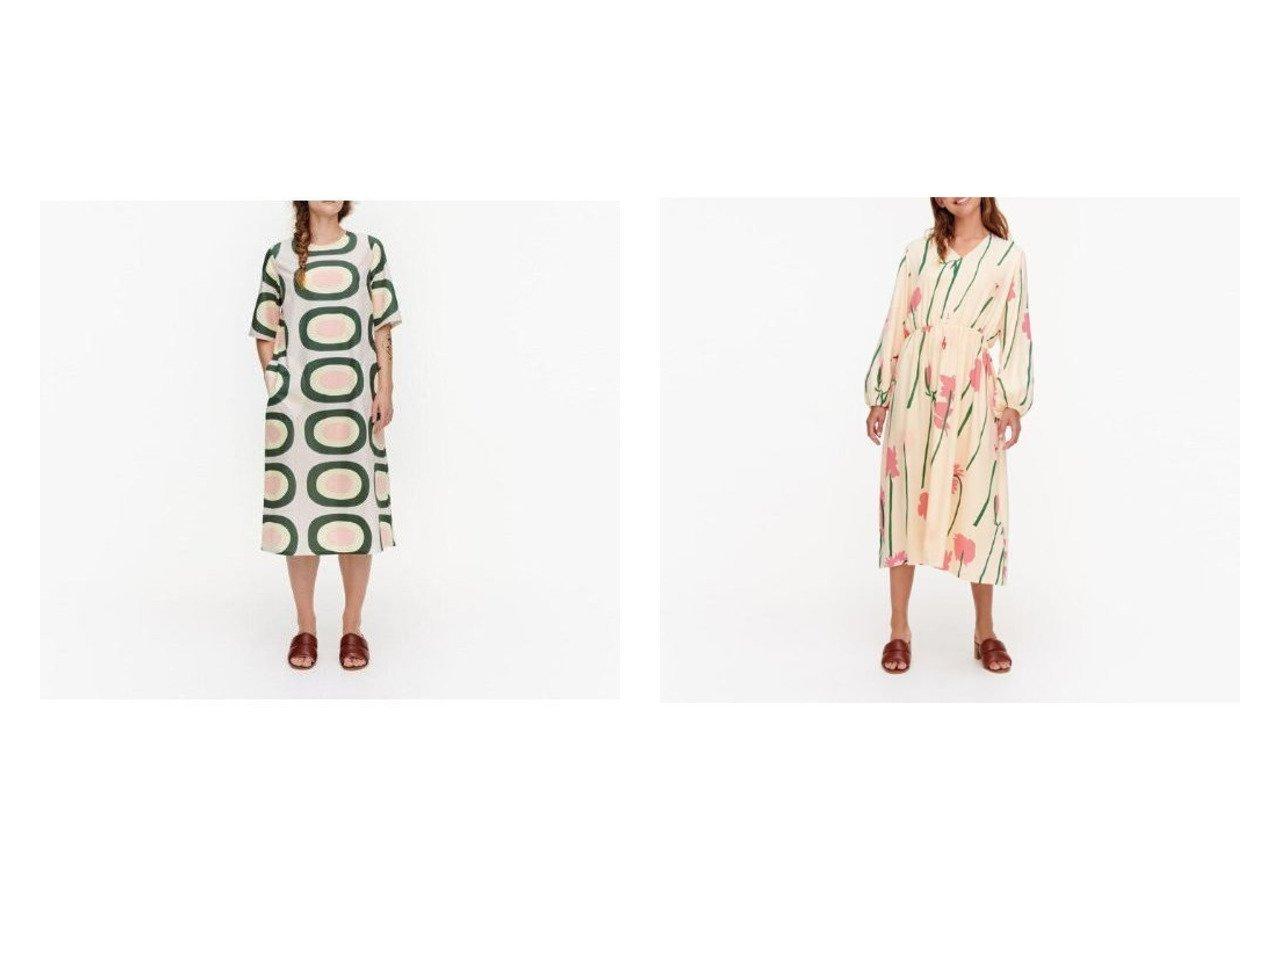 【marimekko/マリメッコ】のHuomenna Pieni Melooni ワンピース&Niitty Torin Kukat ワンピース おすすめ!人気トレンド・レディースファッション通販 おすすめで人気の流行・トレンド、ファッションの通販商品 インテリア・家具・メンズファッション・キッズファッション・レディースファッション・服の通販 founy(ファニー) https://founy.com/ ファッション Fashion レディースファッション WOMEN ワンピース Dress サマー スリーブ ハーフ プリント ポケット モチーフ ギャザー フェミニン |ID:crp329100000044023